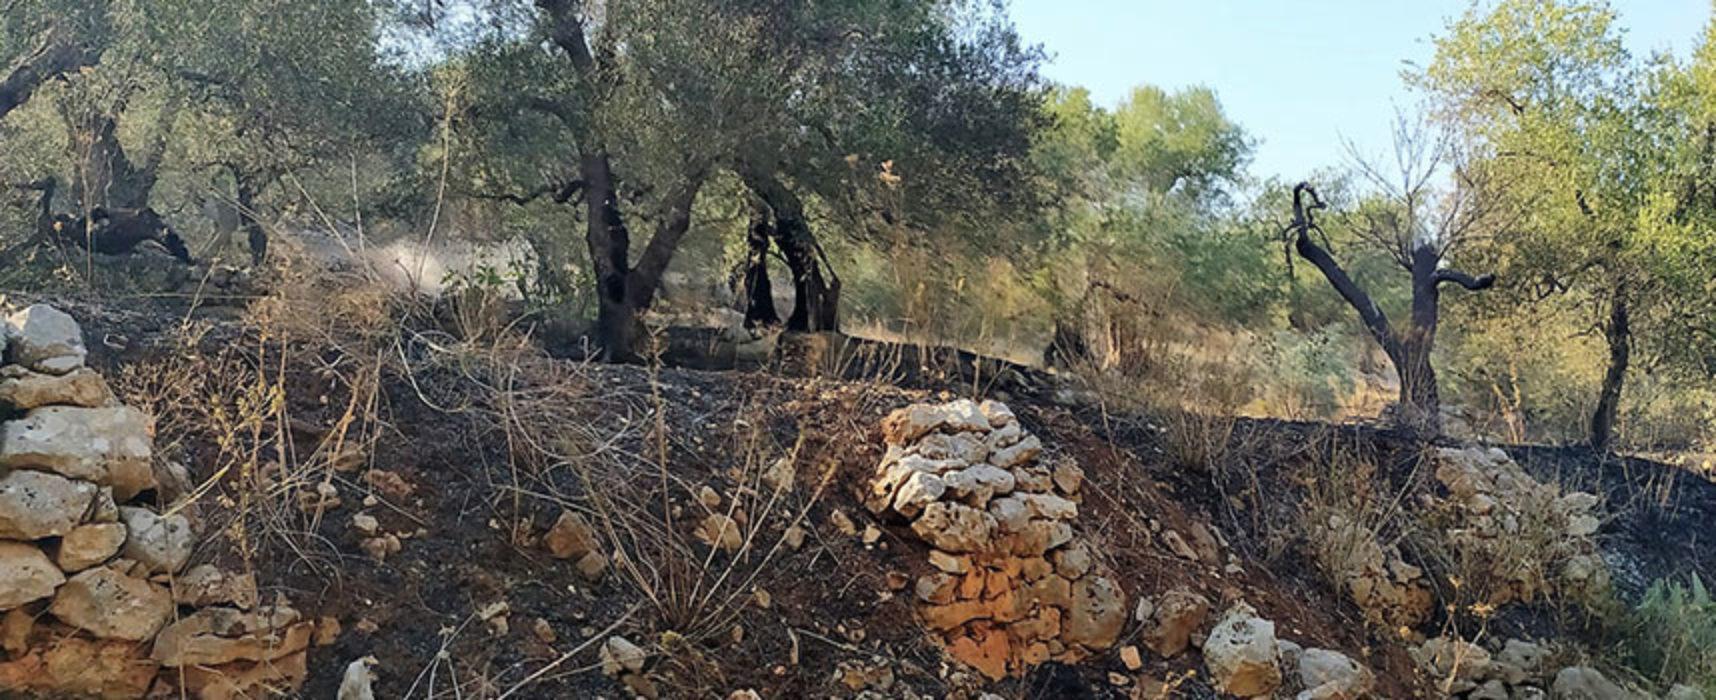 Vasto incendio in zona Santa Croce, a fuoco alcuni ettari di uliveto / FOTO